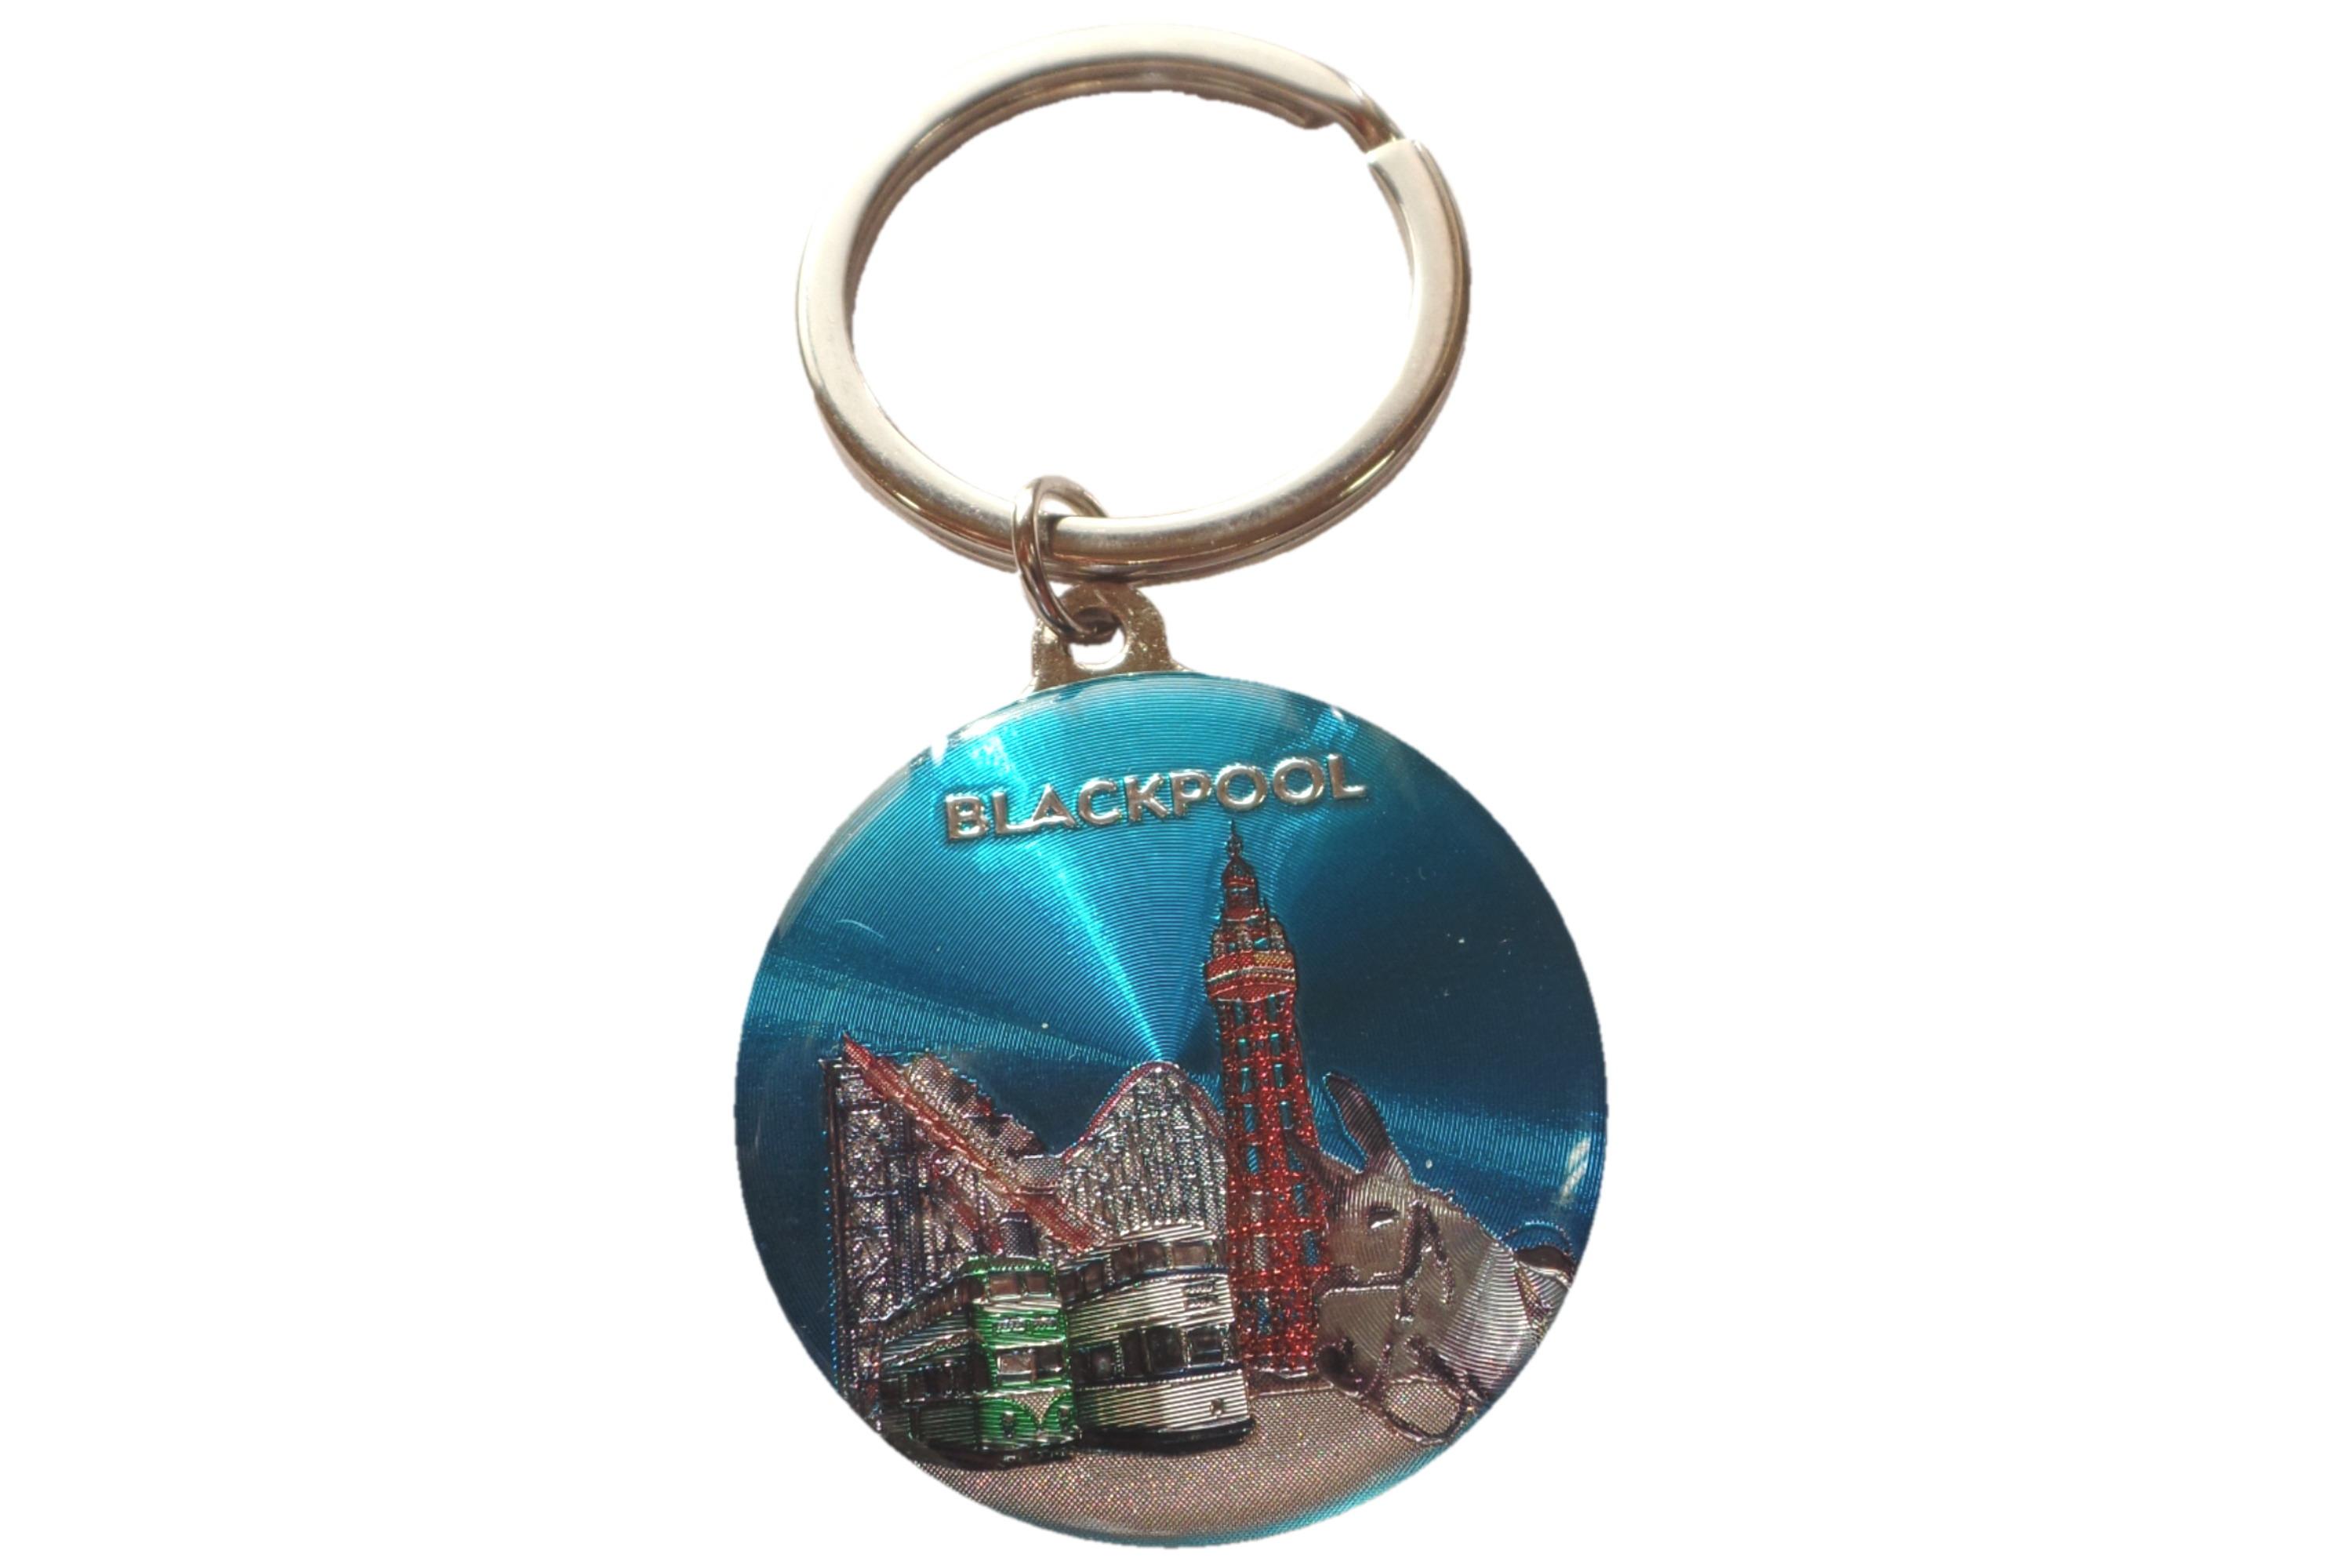 Blackpool Scene Round Epoxy Keyring Metallic Finish 4cm